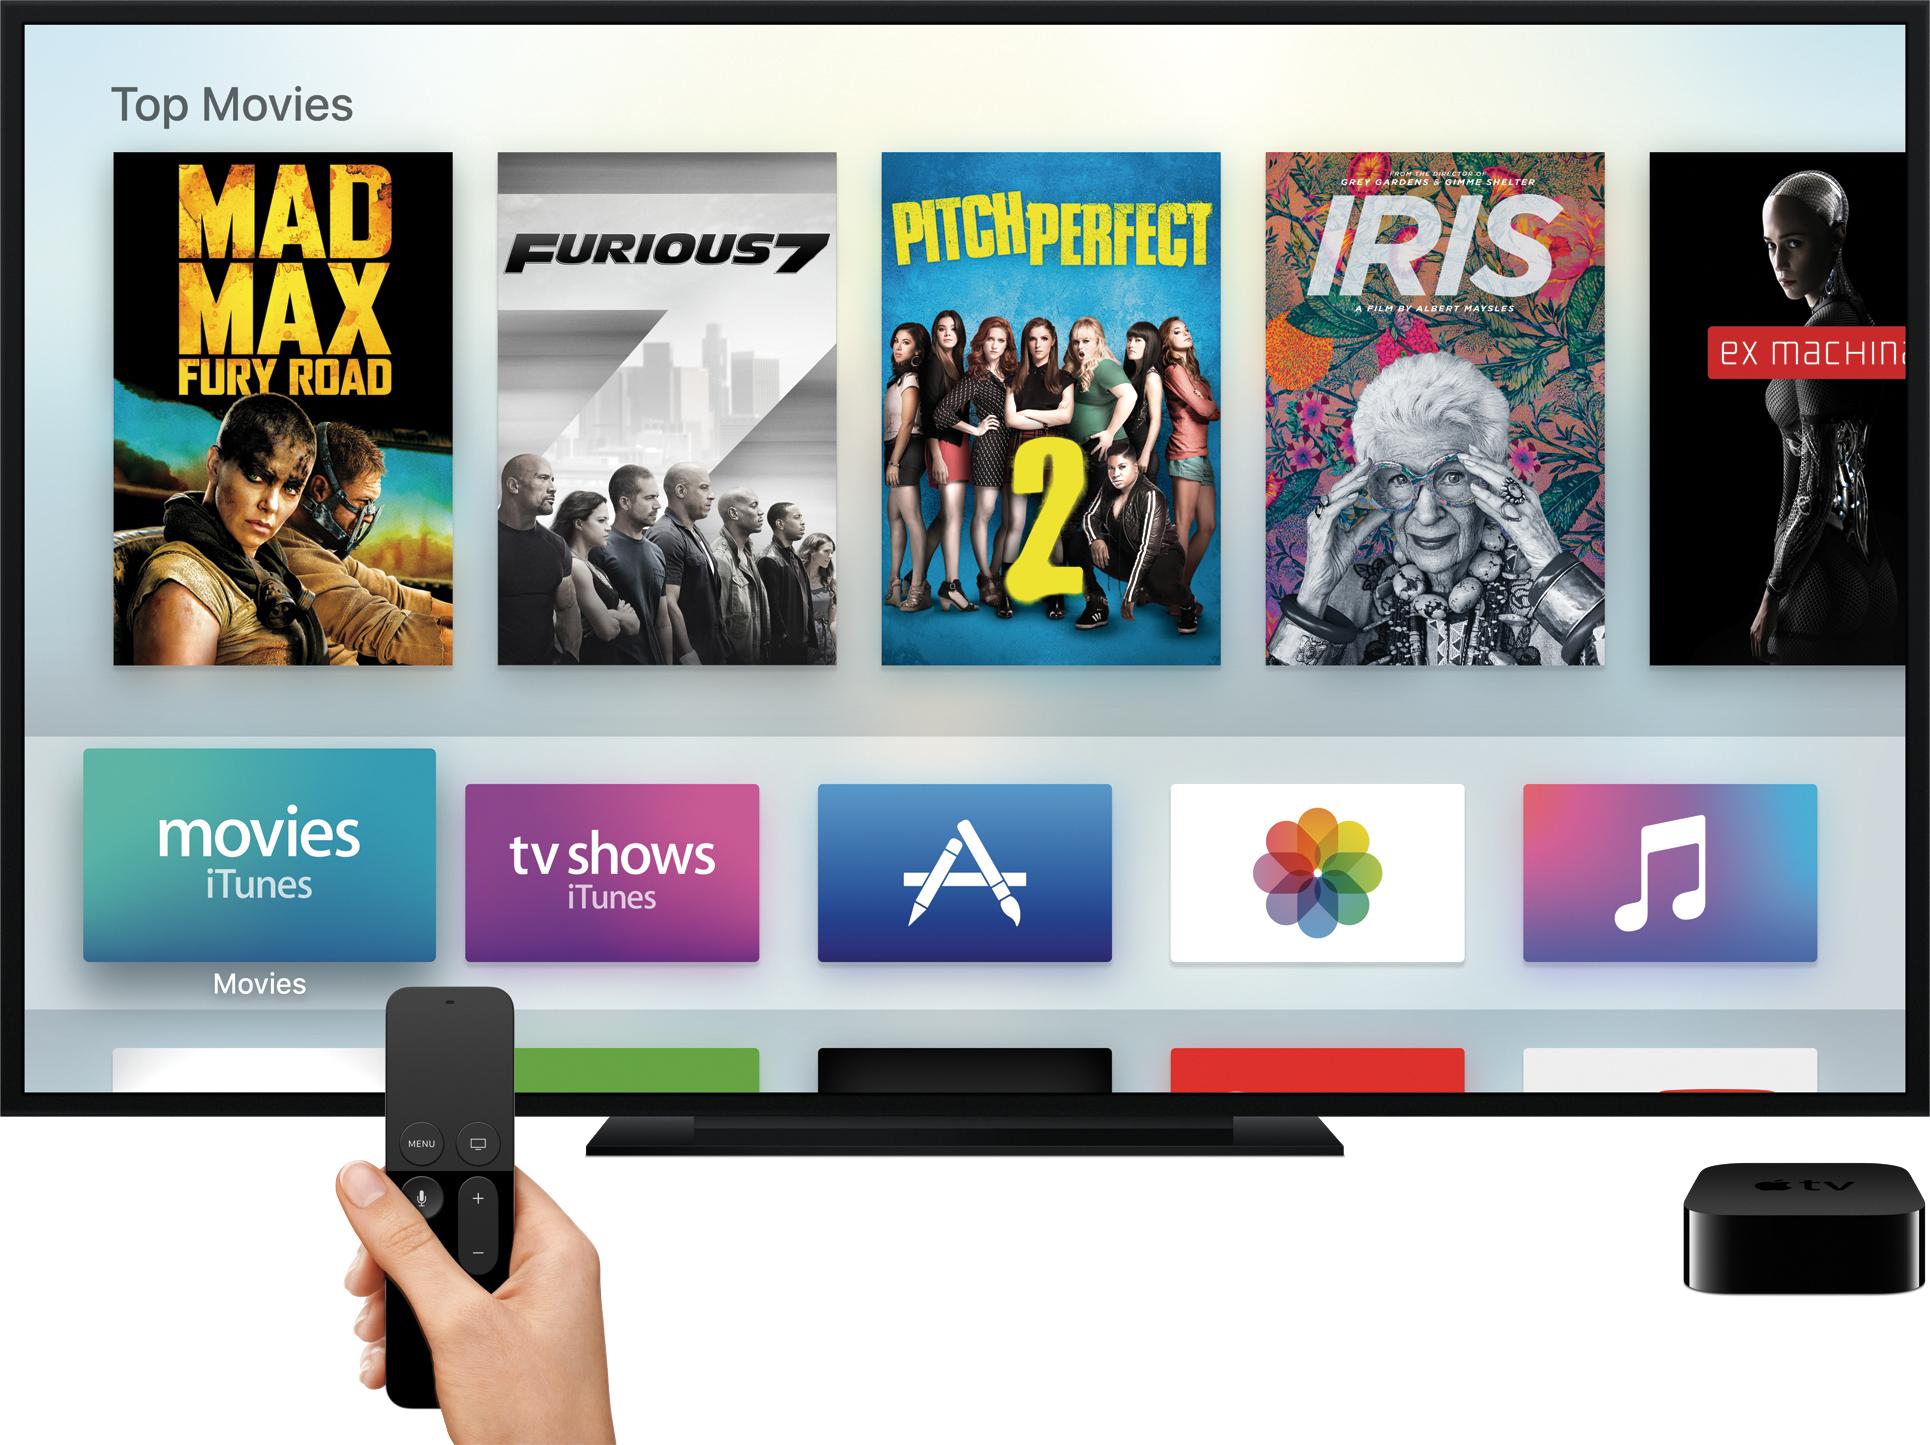 Nova Apple TV na tela inicial do tvOS com controle remoto na mão apontando para a televisão